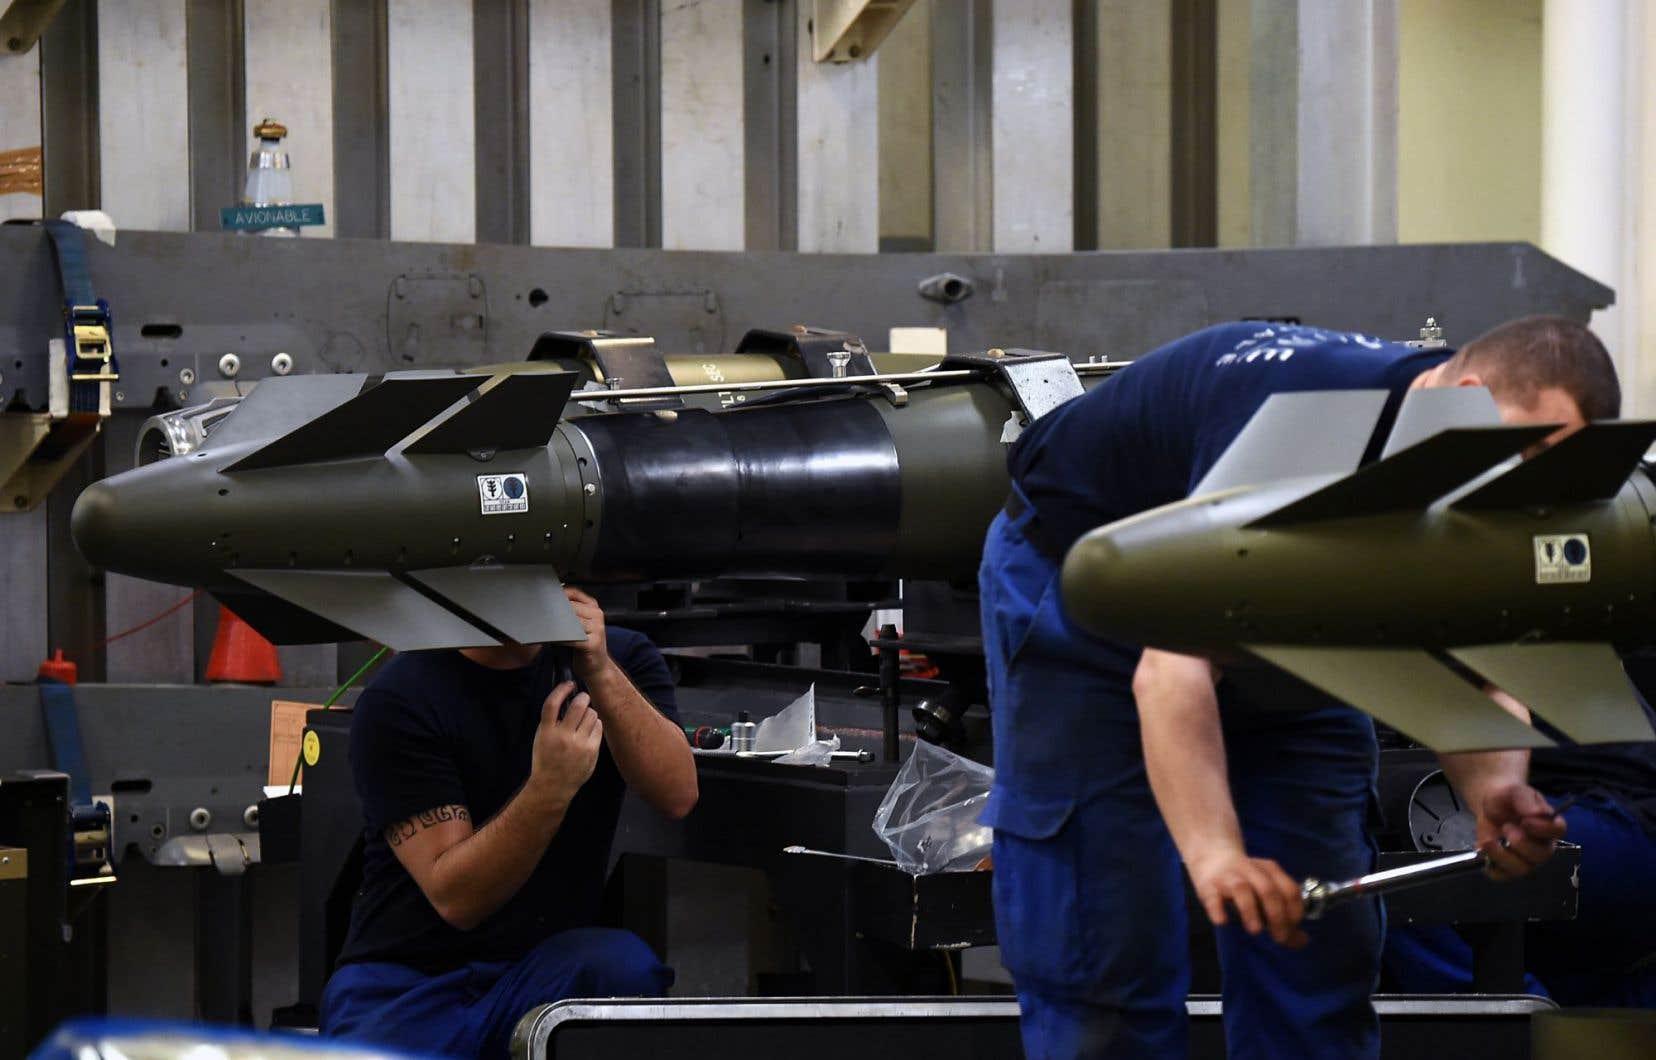 Des soldats de la marine française travaillaient sur des missiles sur le porte-avions Charles-de-Gaulle, dimanche, en Méditerranée orientale.